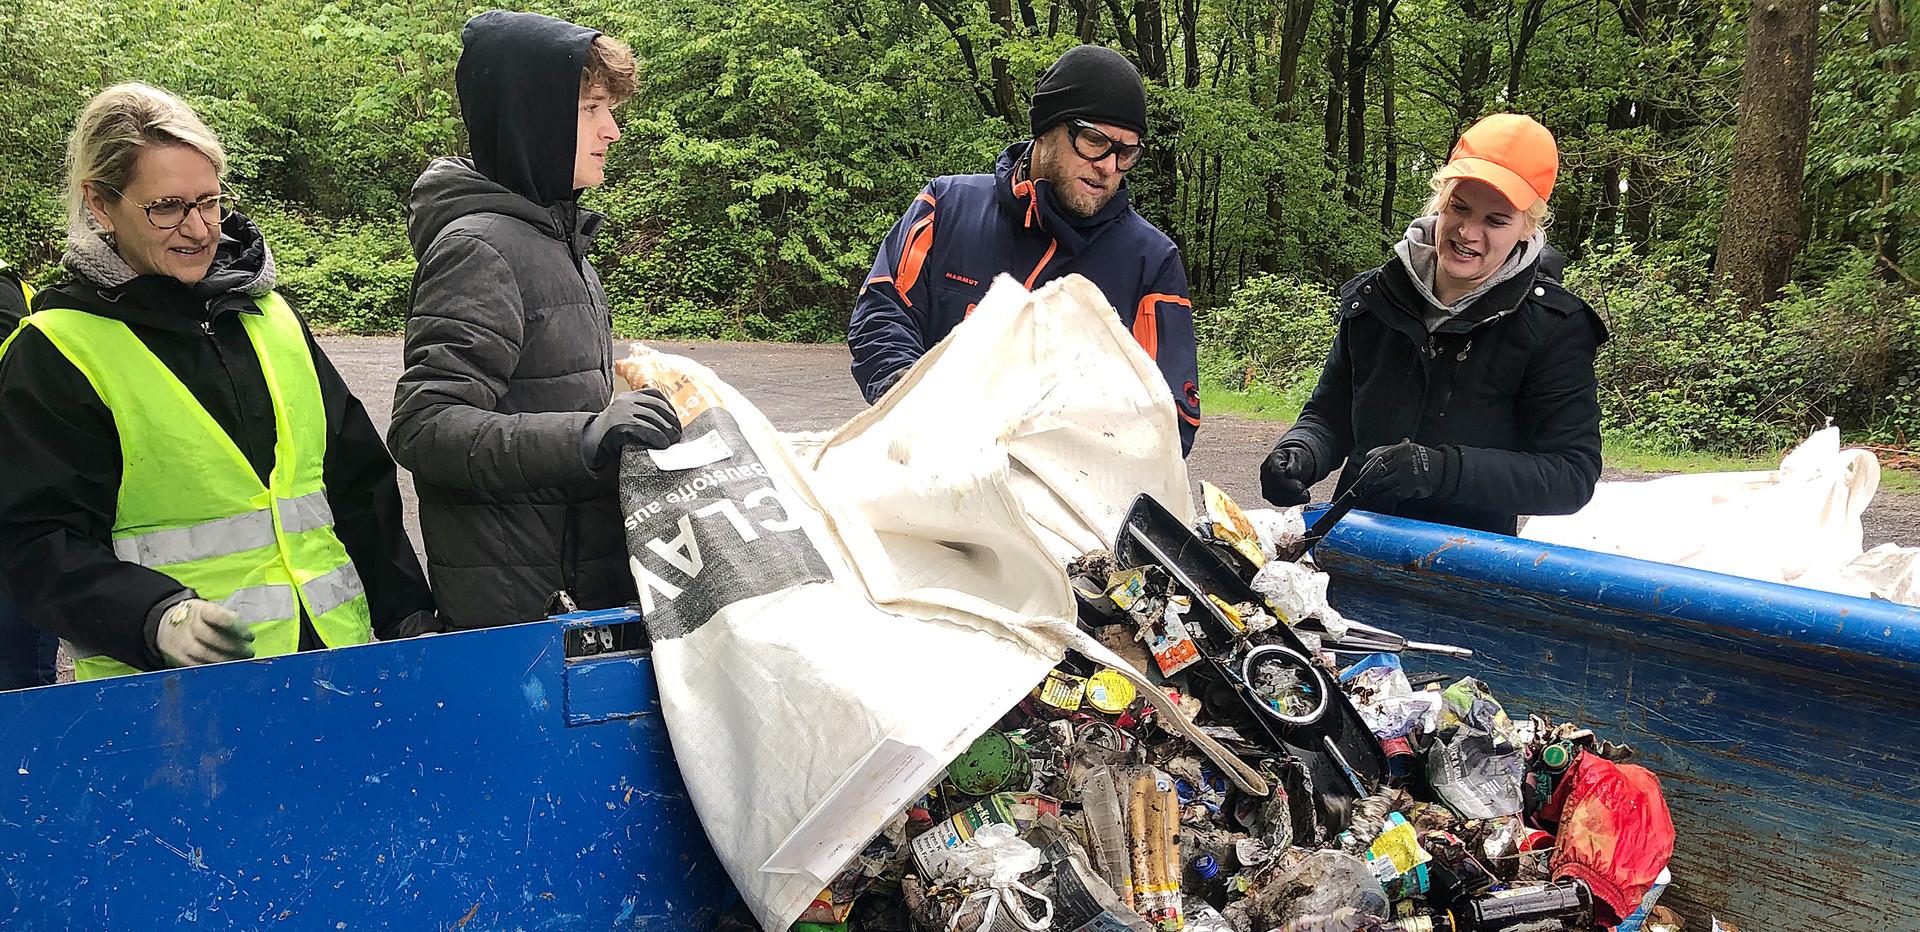 Aktion Saubere Landschaft wir für kottenheim